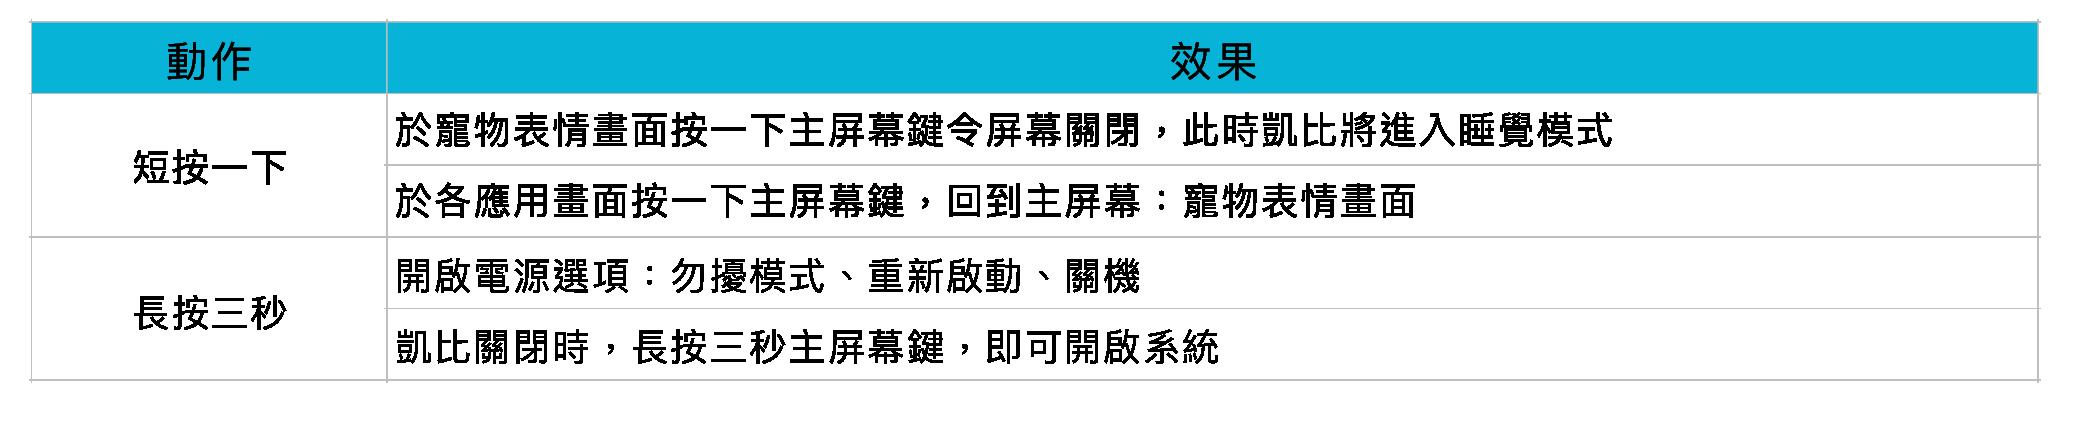 說明圖附表-02.png